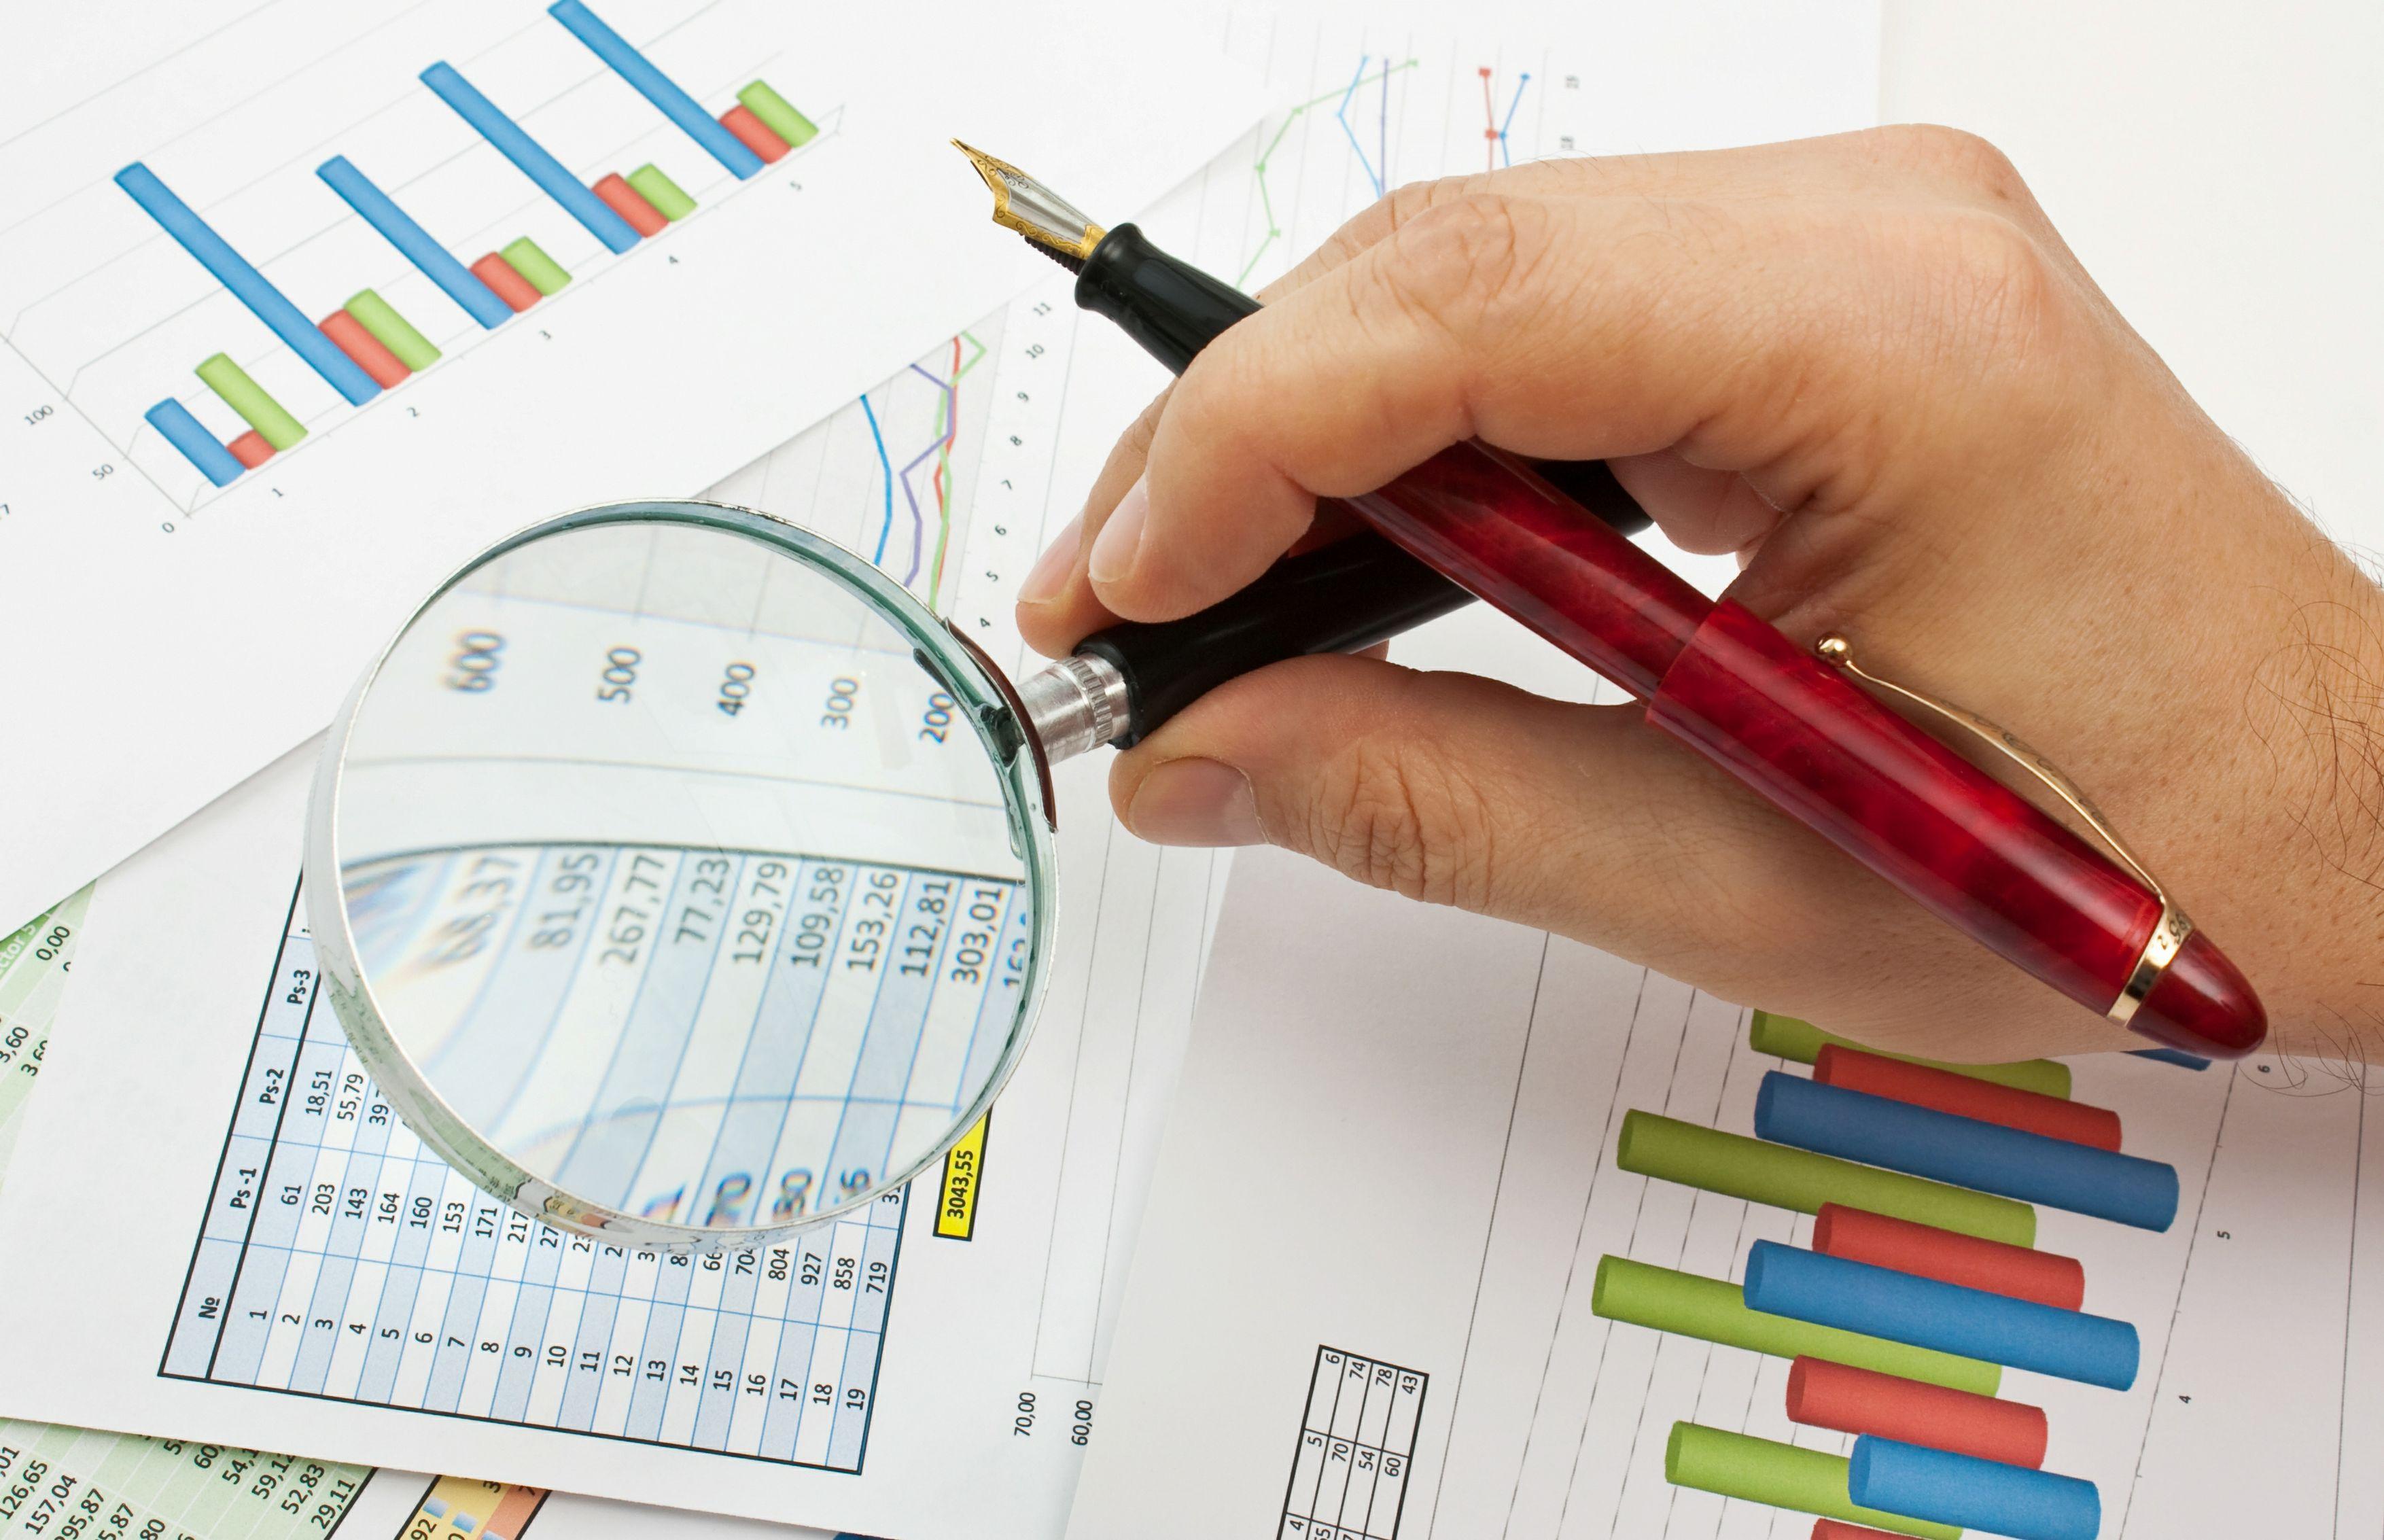 格隆汇港股聚焦(12.5)︱融创中国前11月合同销售额突破5000亿元 招商证券11月母公司净利增23.8%至5.51亿元